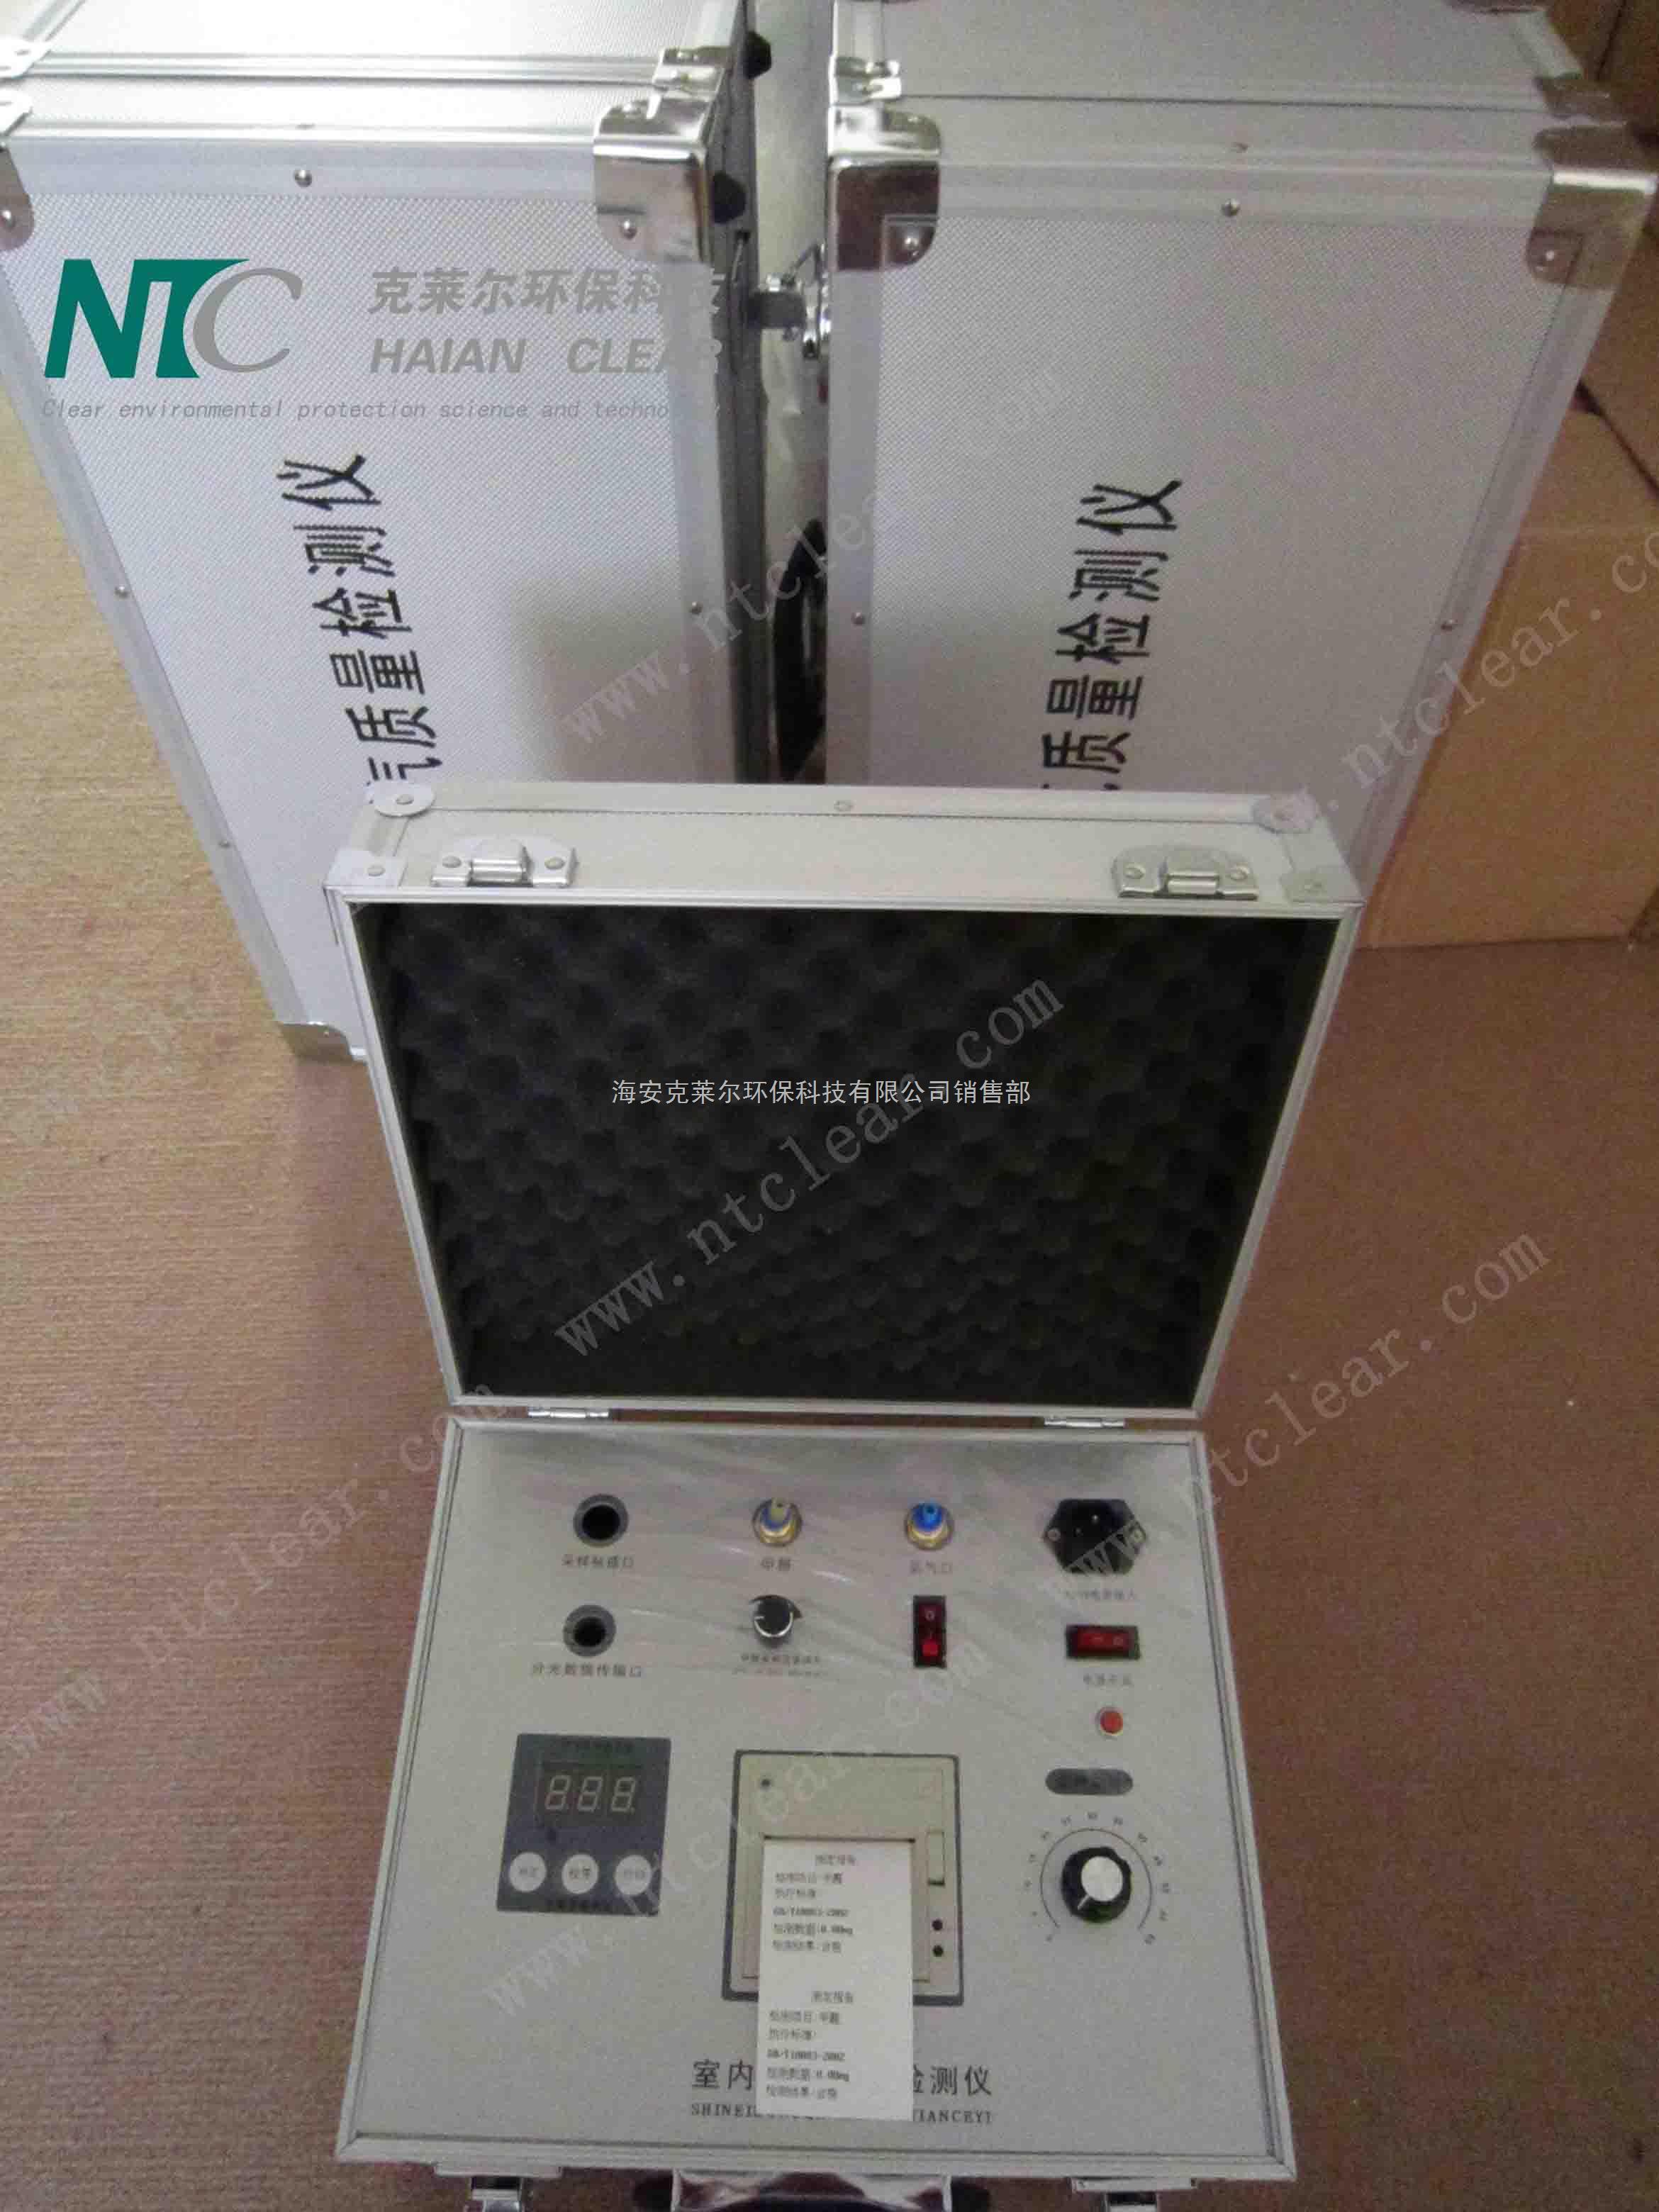 NTC-1-昆明厦门八合一甲醛检测仪哪里有卖/甲醛检测仪结果准确吗